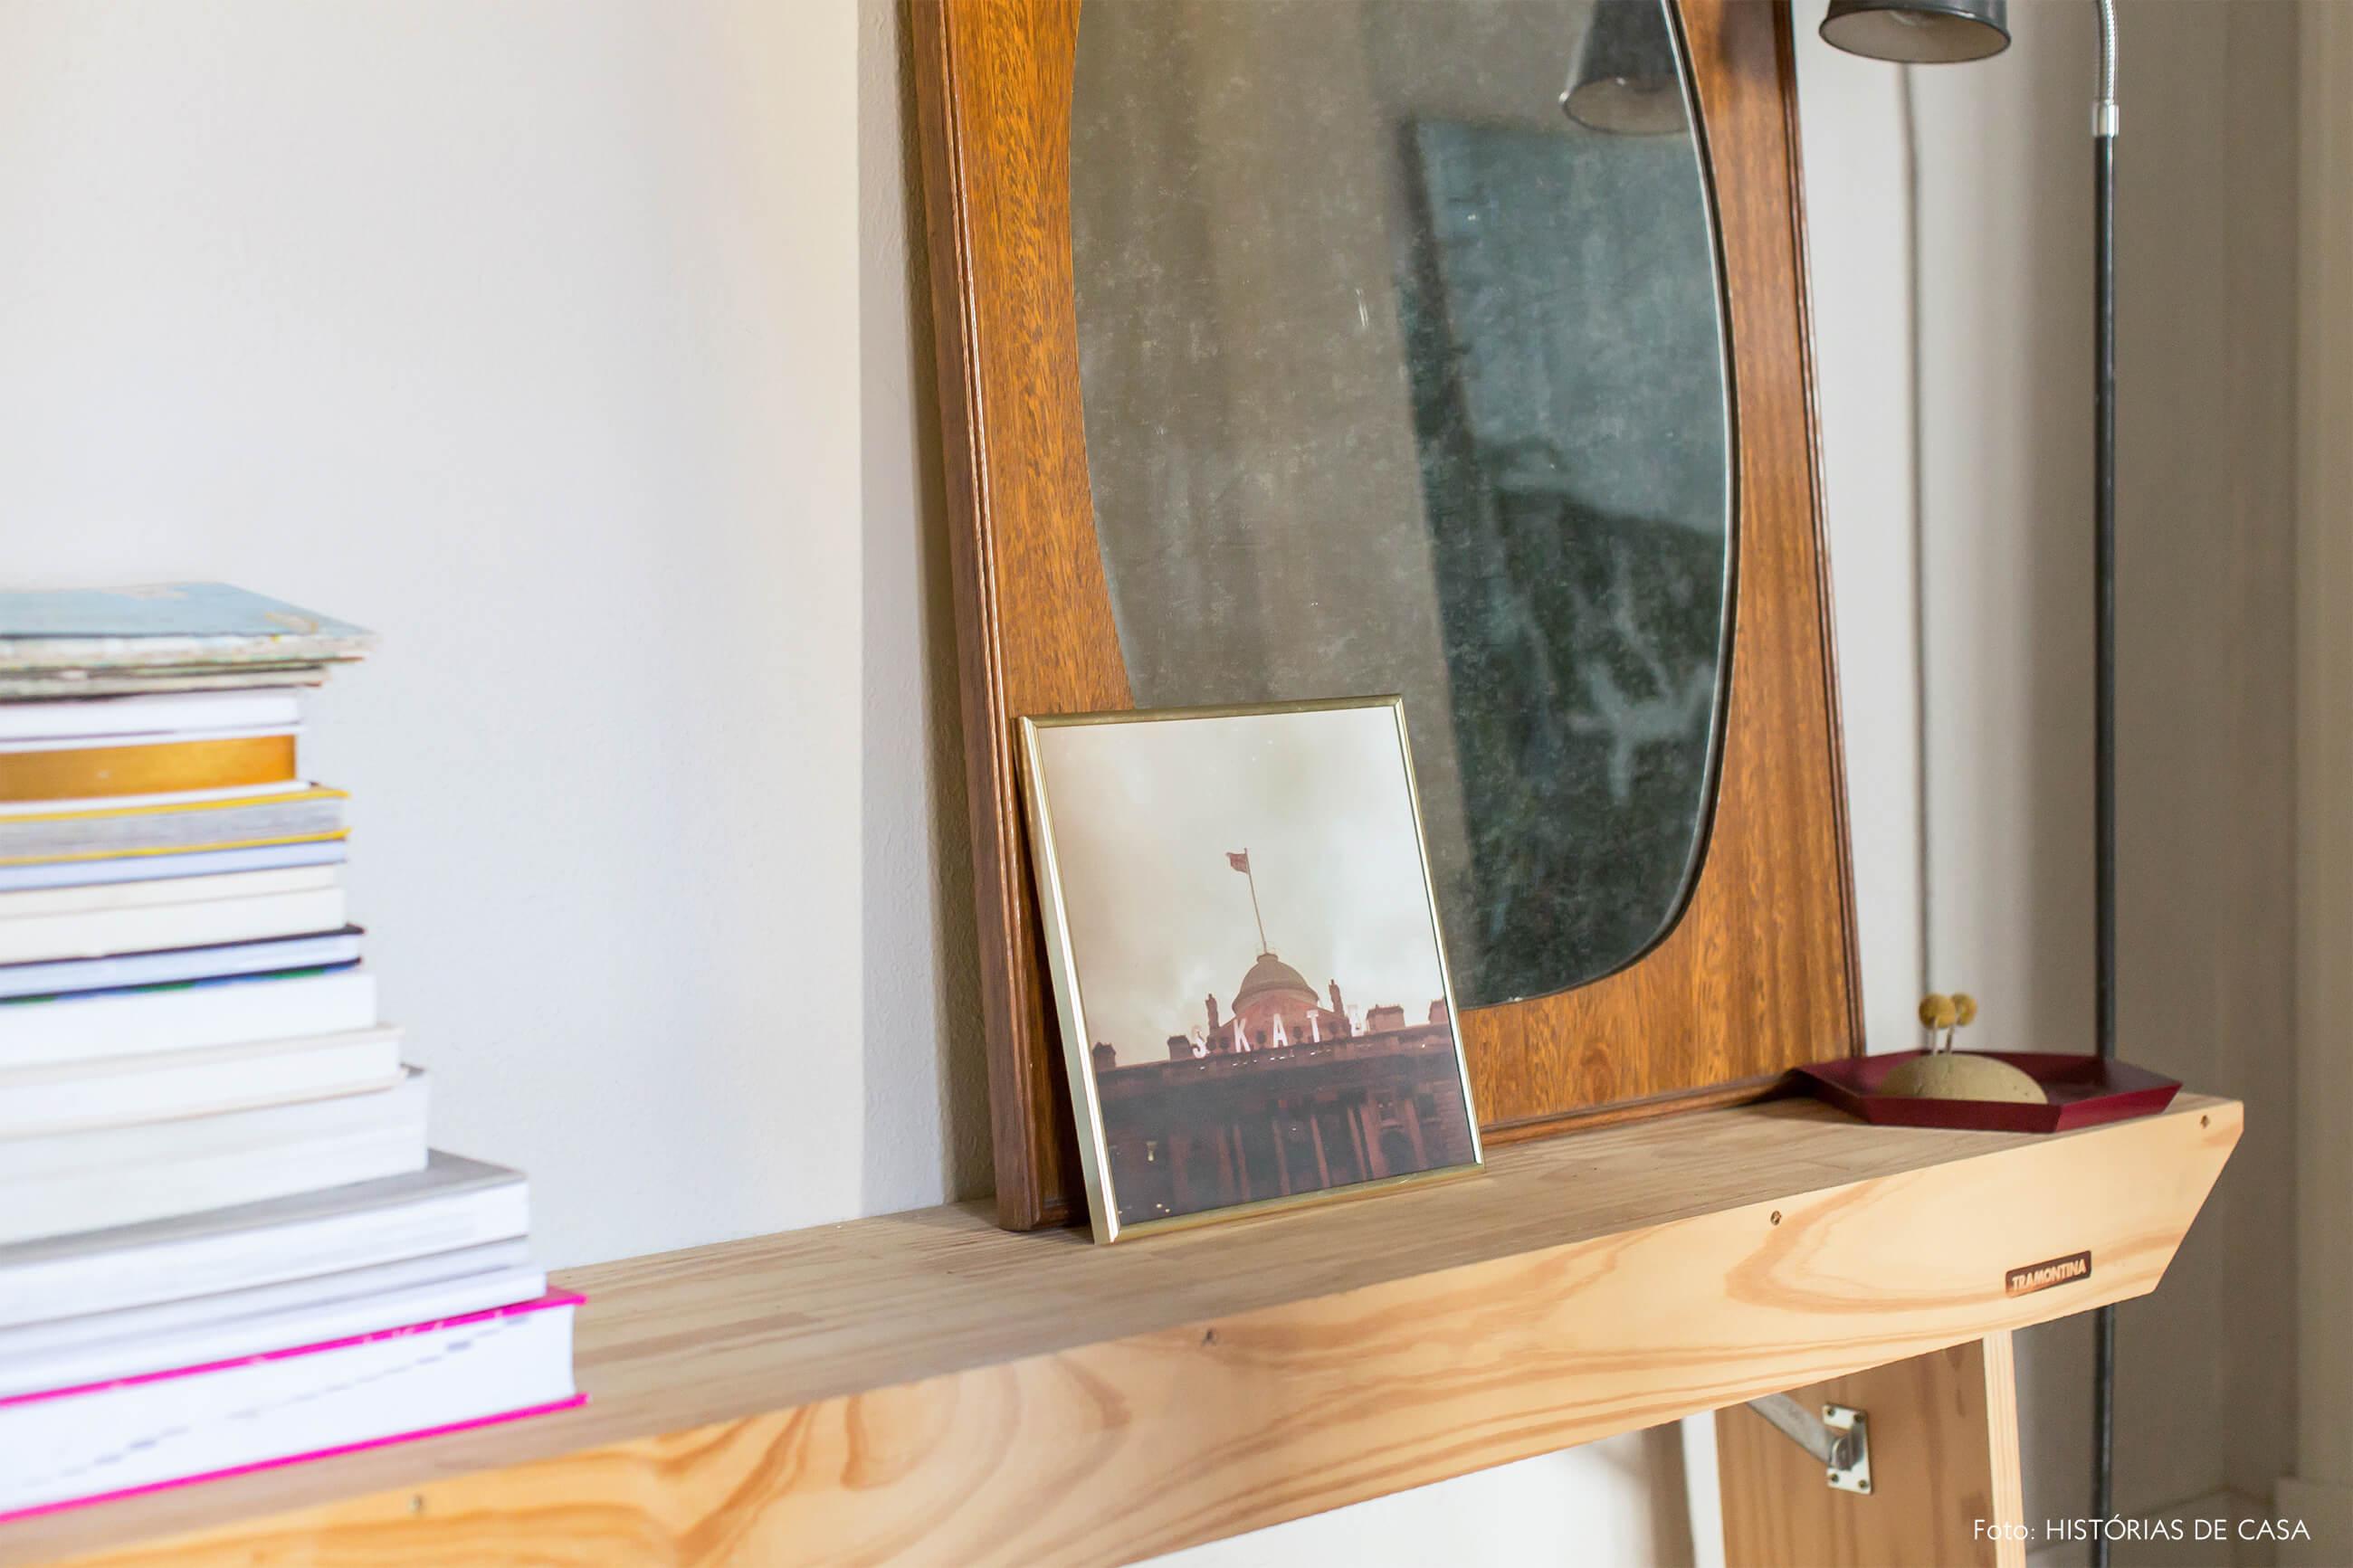 detalhe de mesa de maderia clara com parede branca e espelho